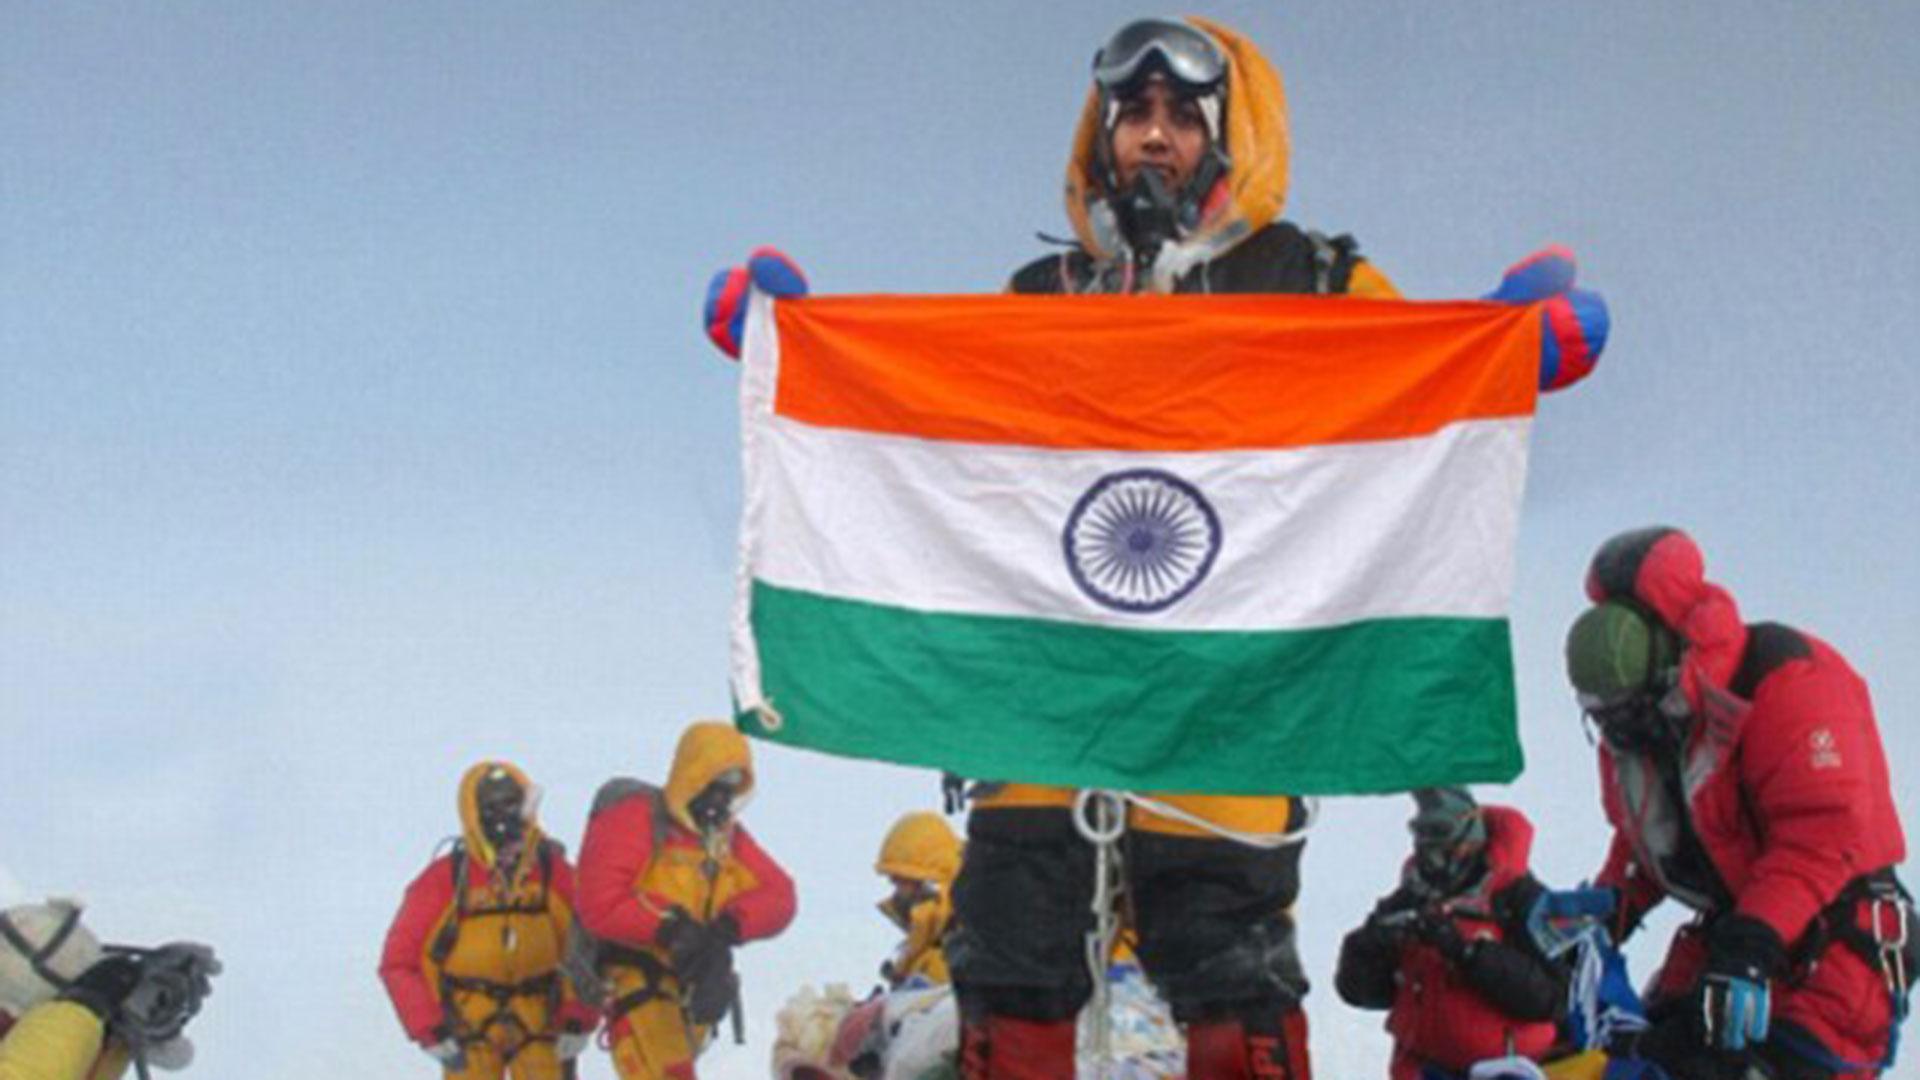 """Muy similar a la escena capturada por Siddhanta, quien asegura haber hecho cumbre en el Everest y que sus fotos fueron """"robadas"""" por los Rathod"""